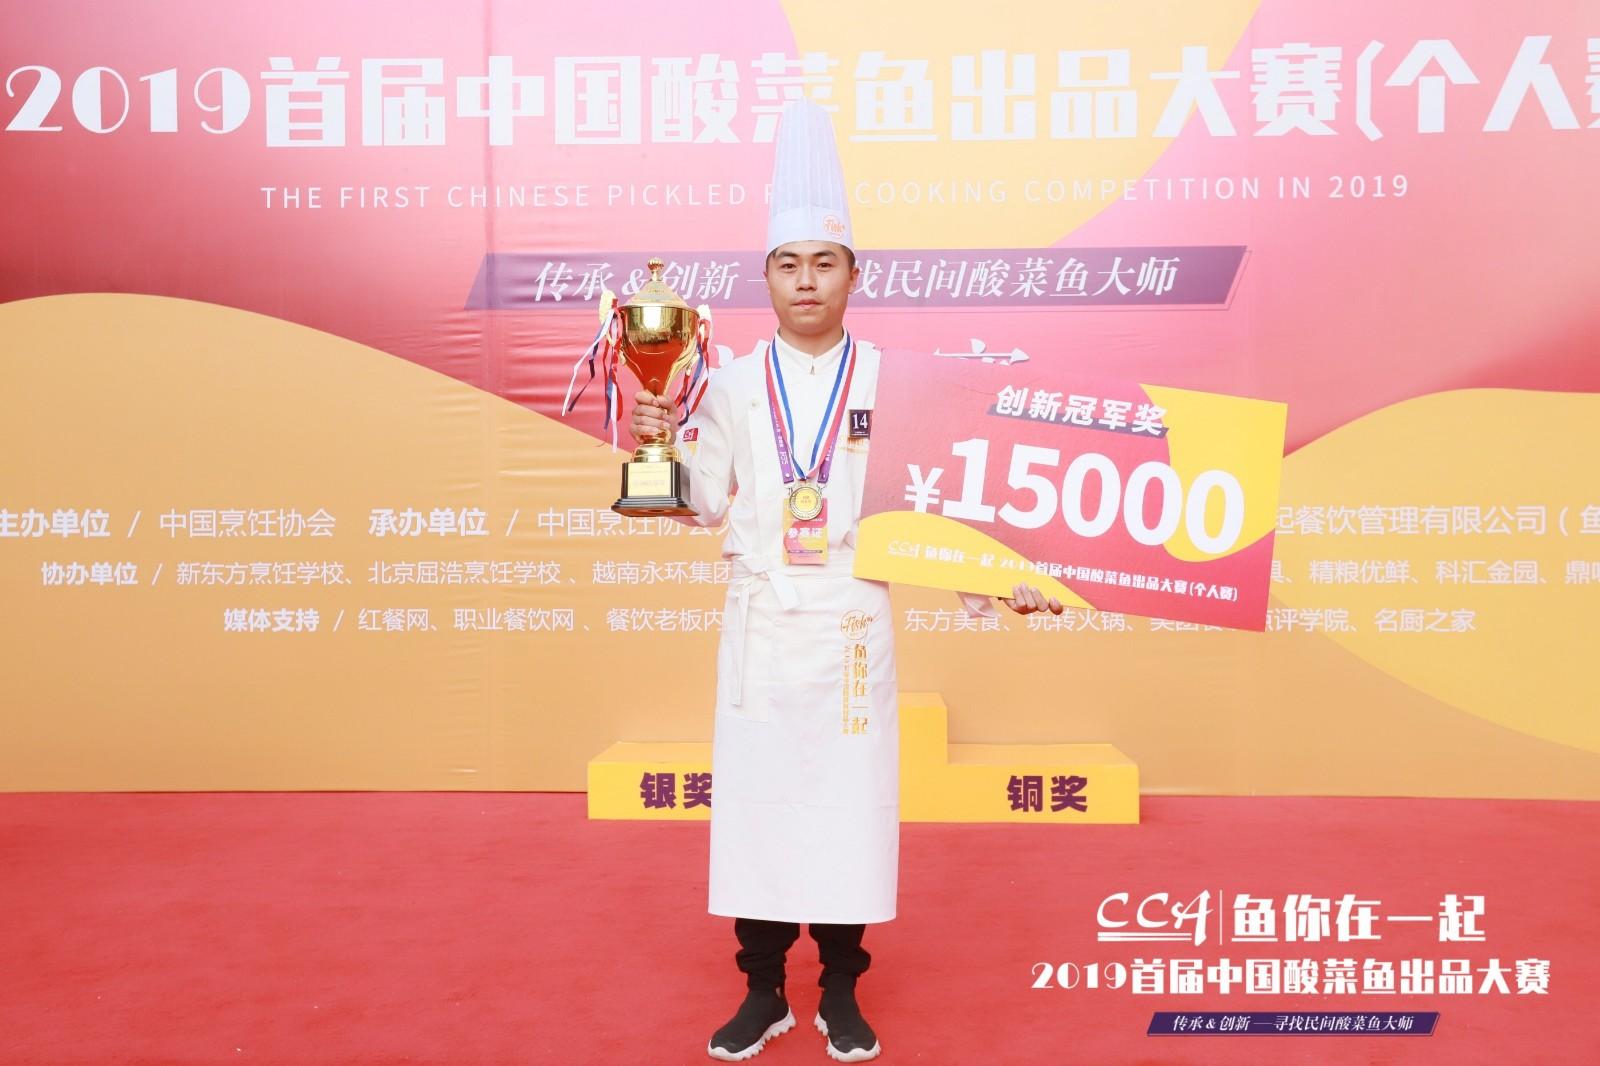 我公司赵总拿了全国首届酸菜鱼大赛创新奖冠军